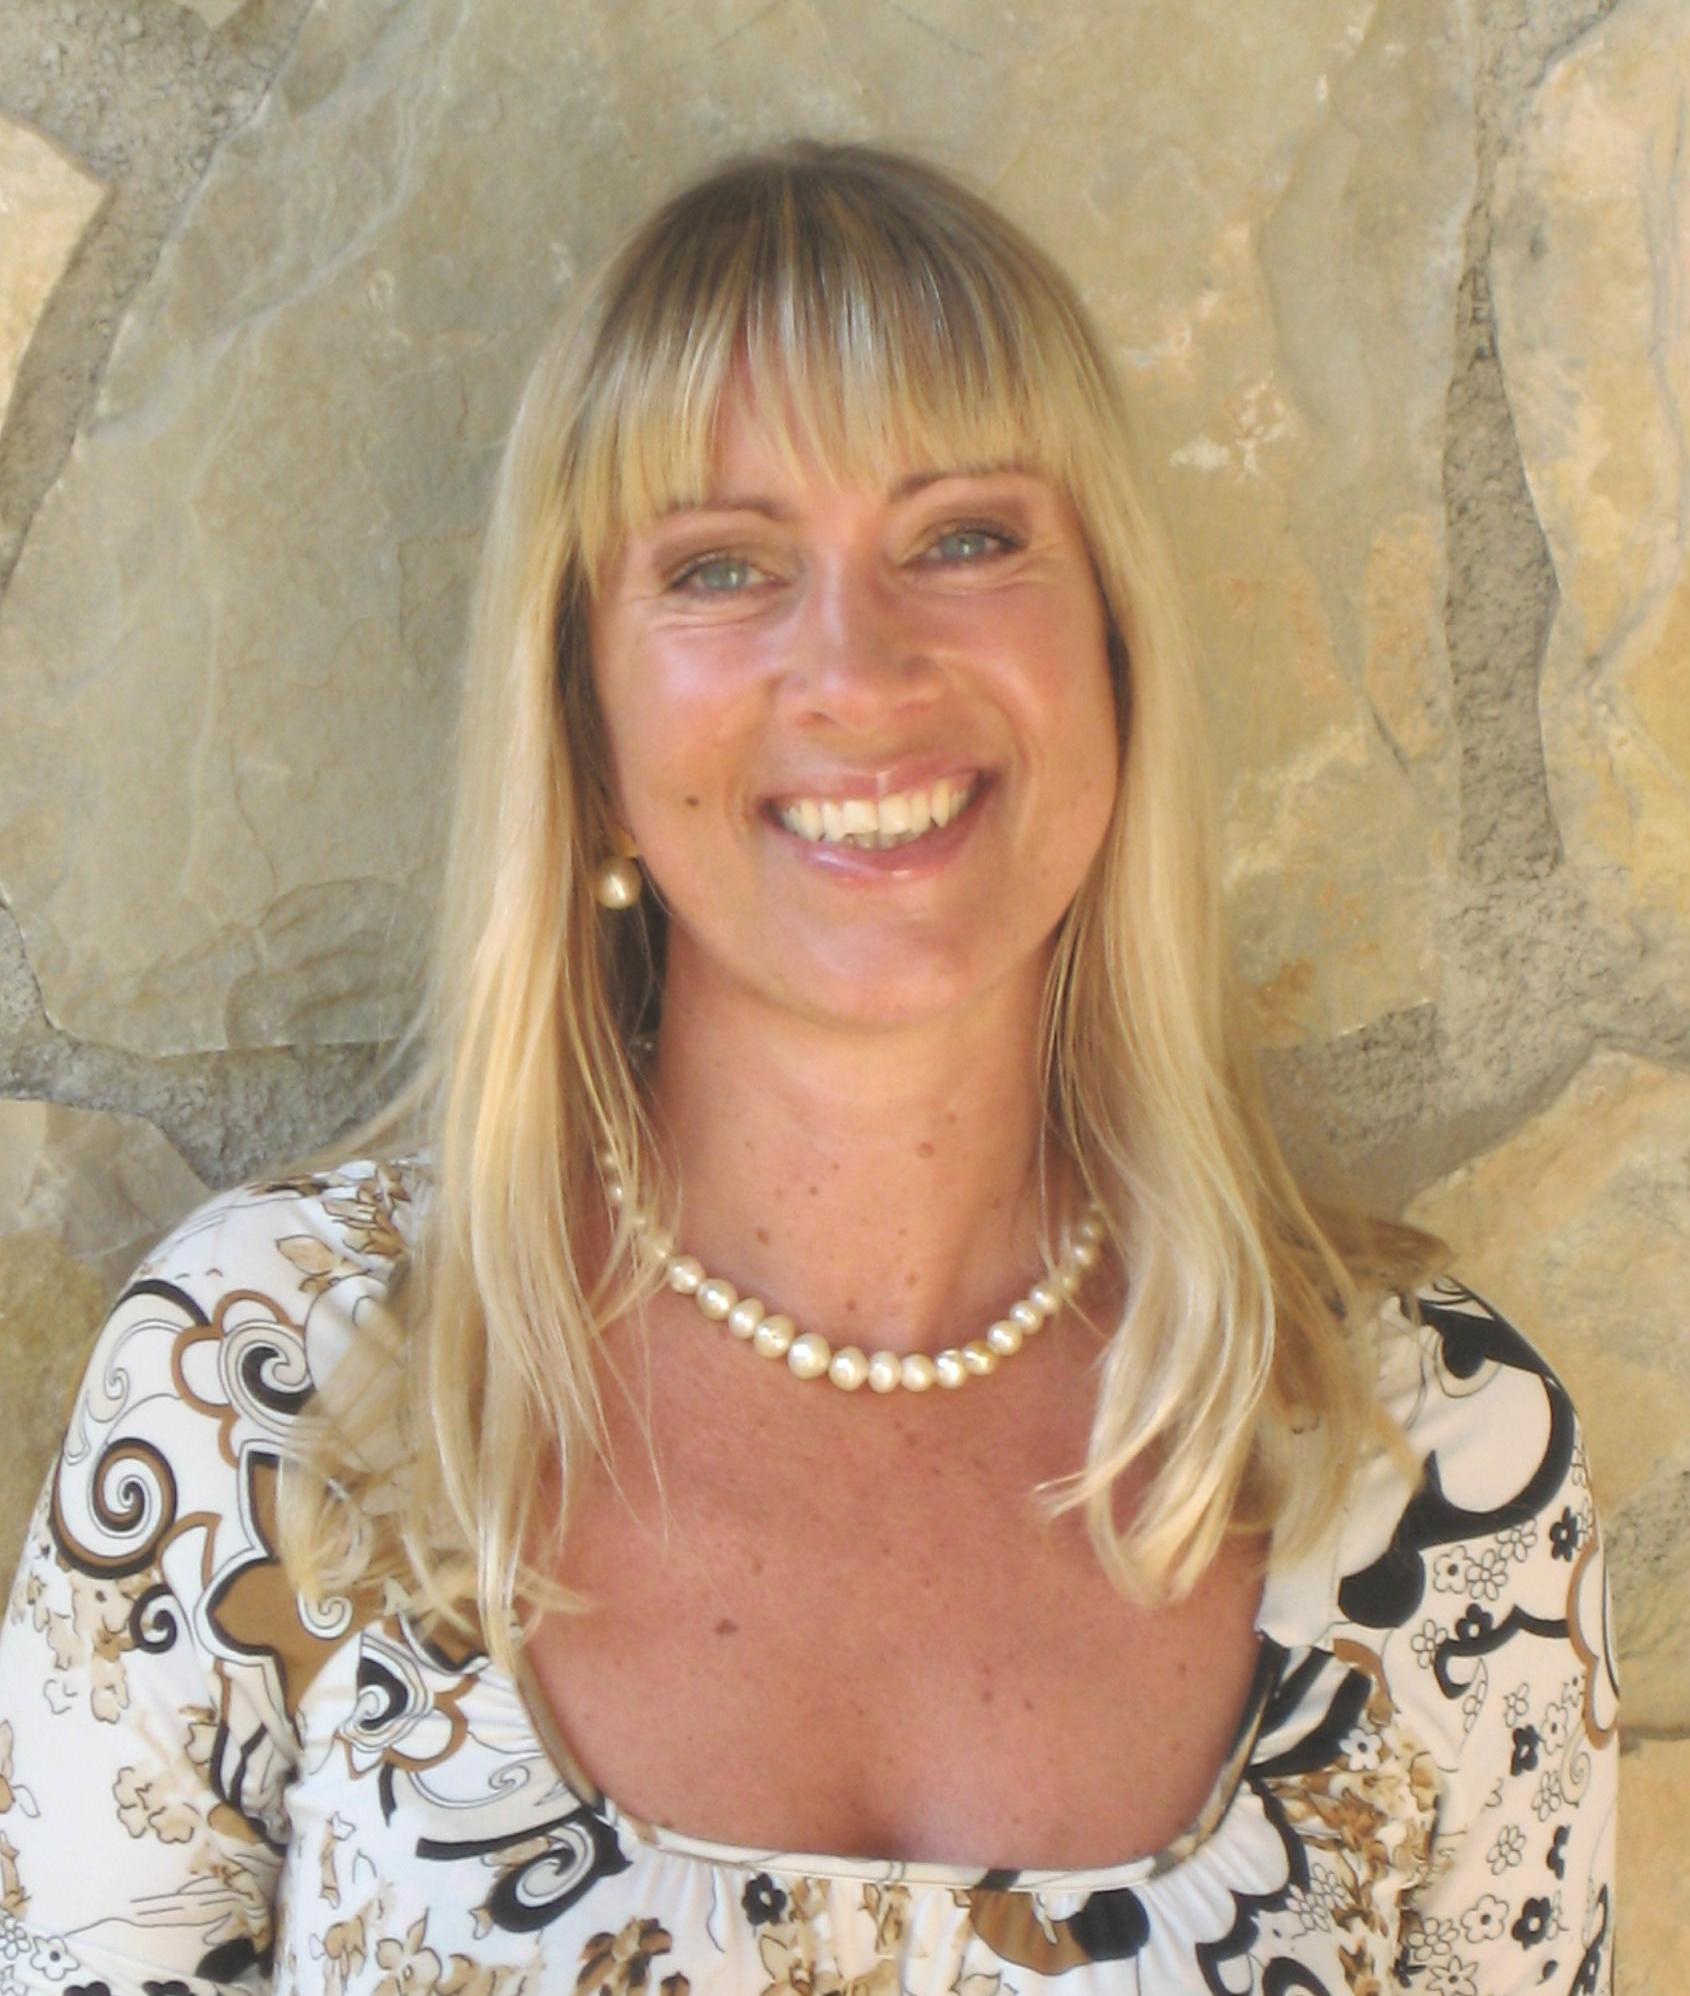 Alexandra Ehlert